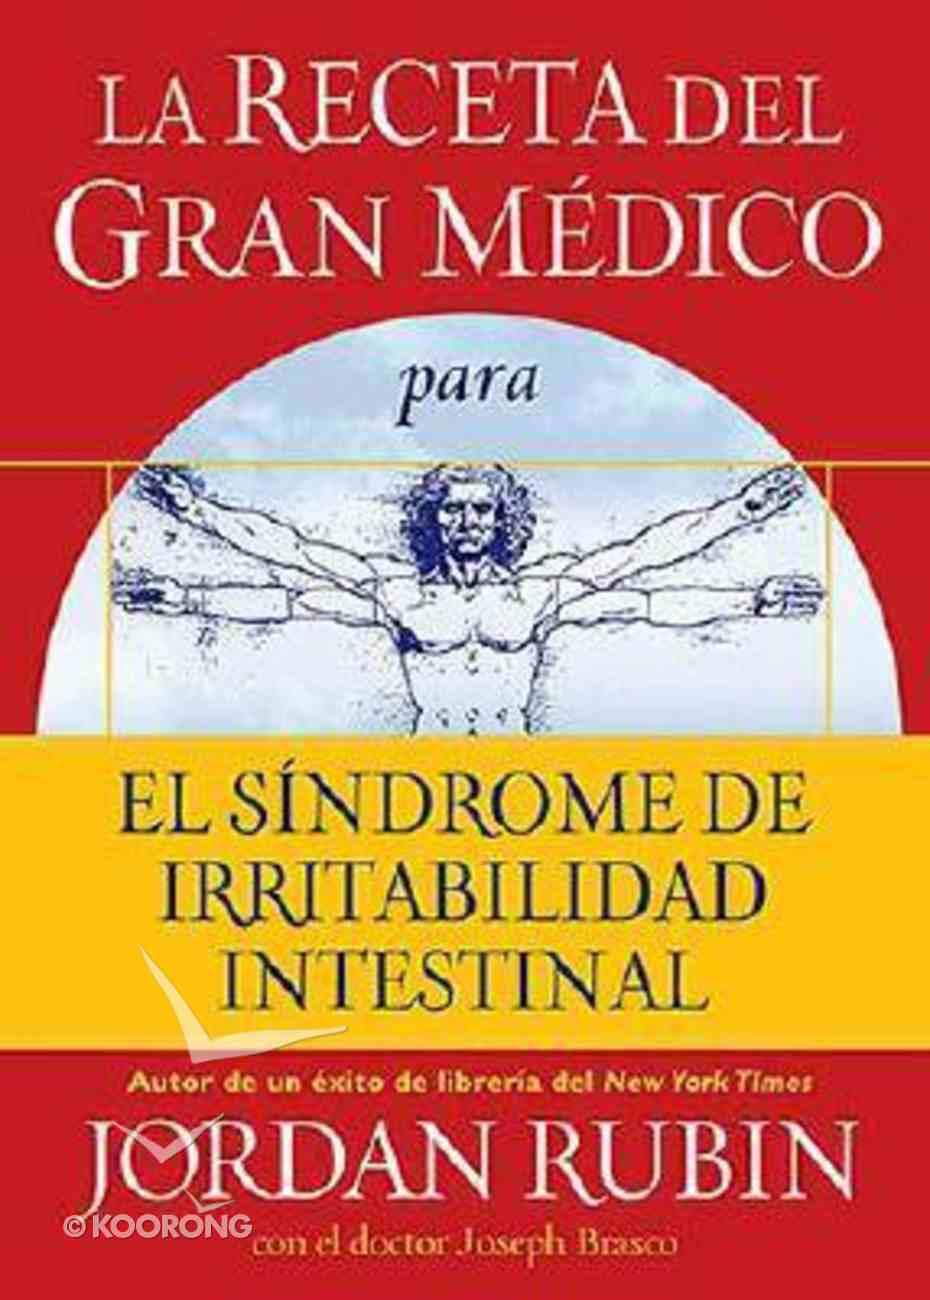 La Receta Del Gran Medico Para El Sindrome De Irritabilidad Intestinal (The Great Physician's Rx For Irritable Bowel Syndrome) Paperback